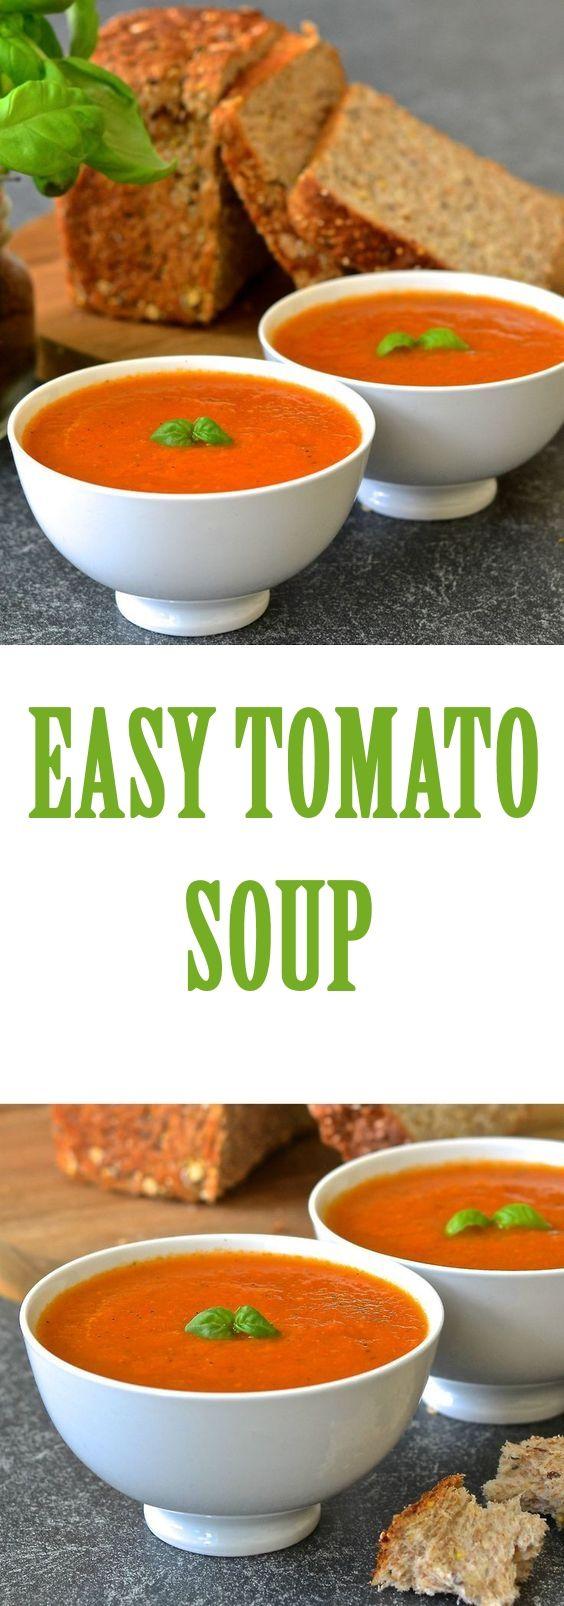 EASY TOMATO SOUP #easytomatosoup